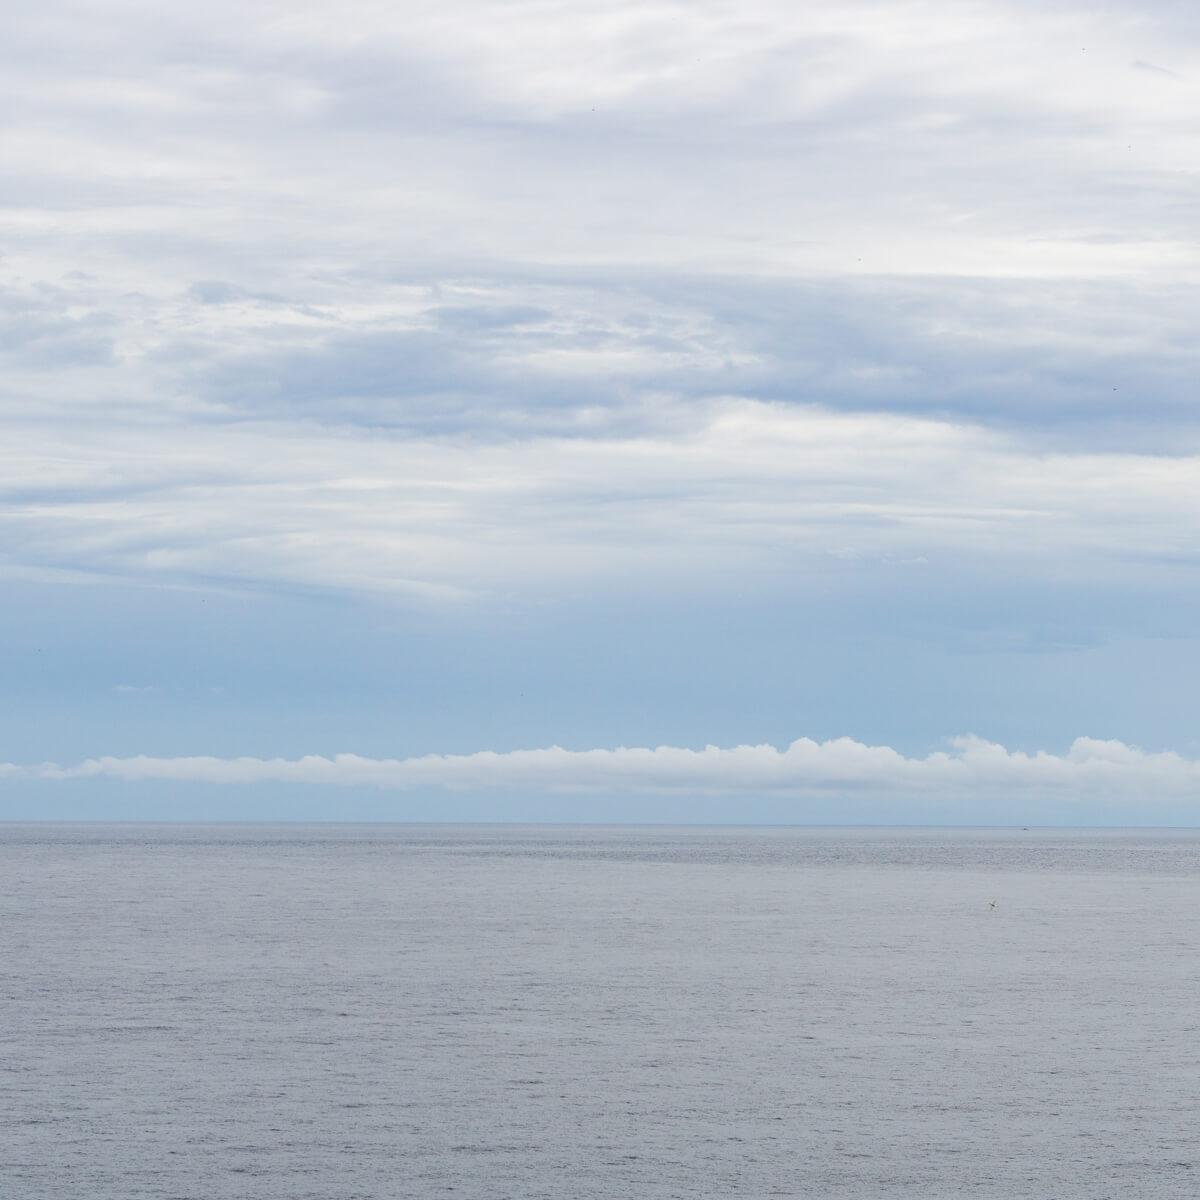 屋久島の海、空 屋久島海とジュエリー オーダーメイドジュエリーのモチーフ